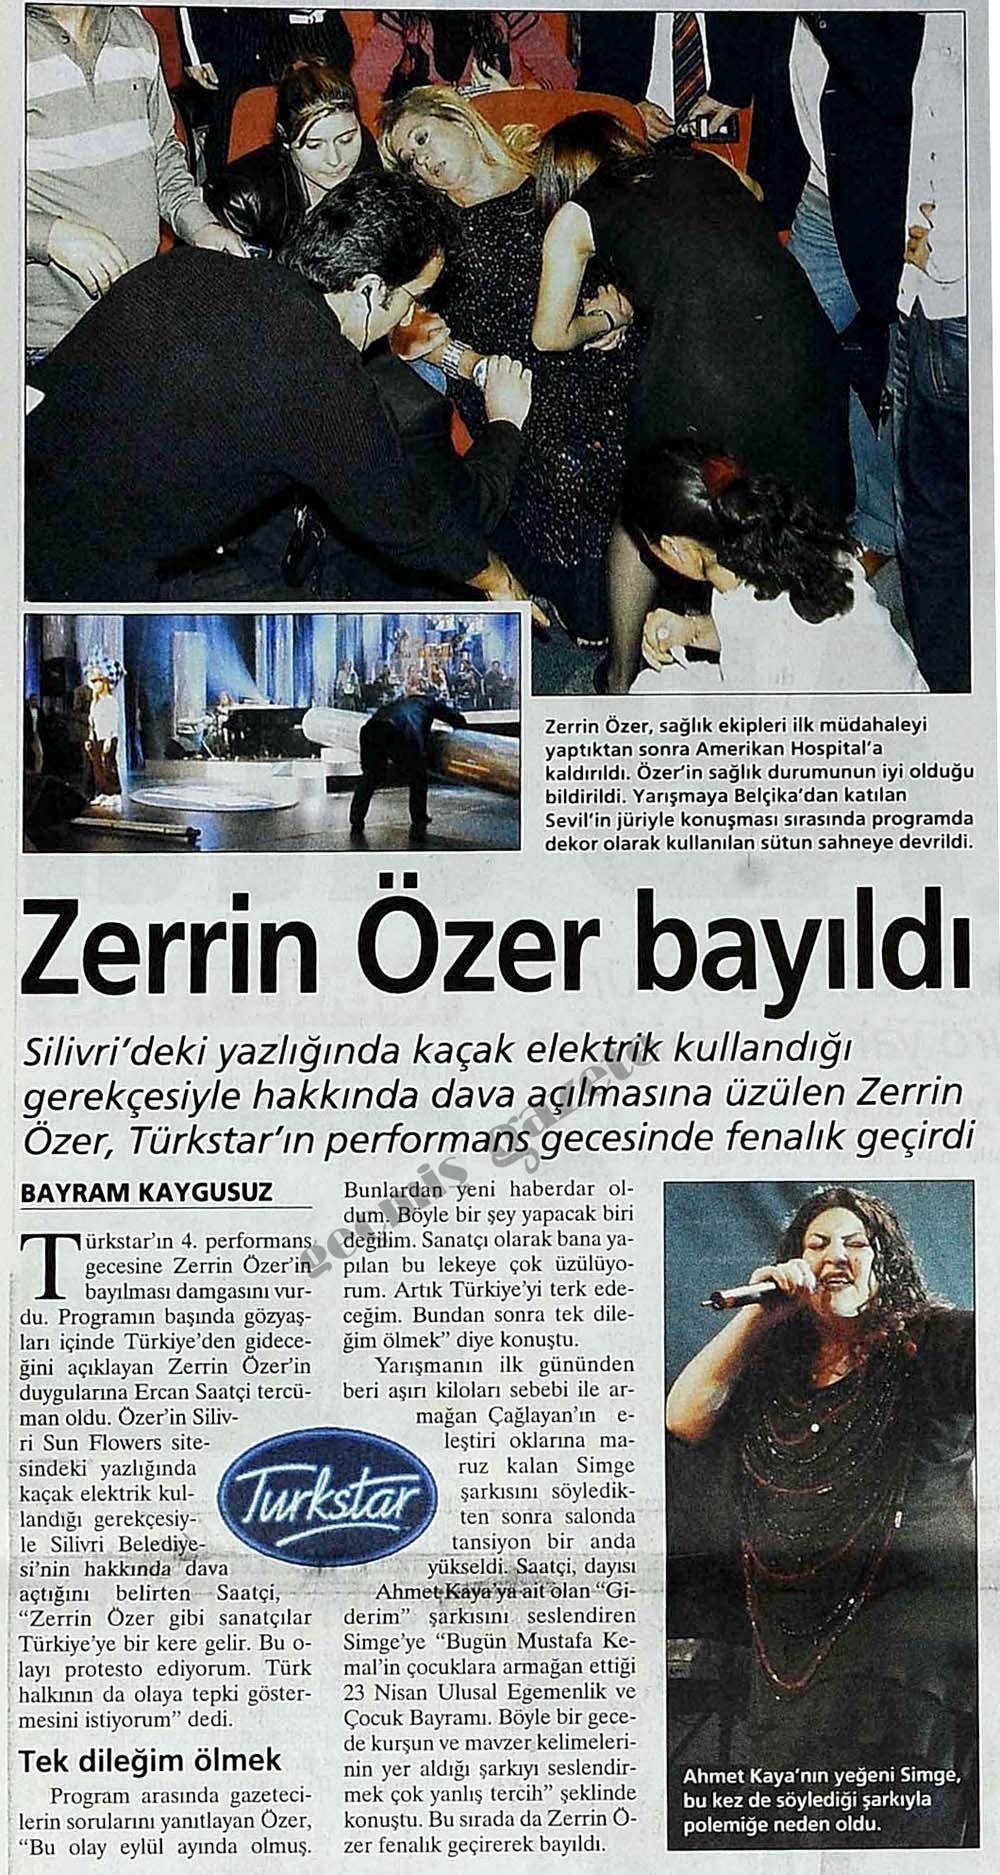 Zerrin Özer bayıldı